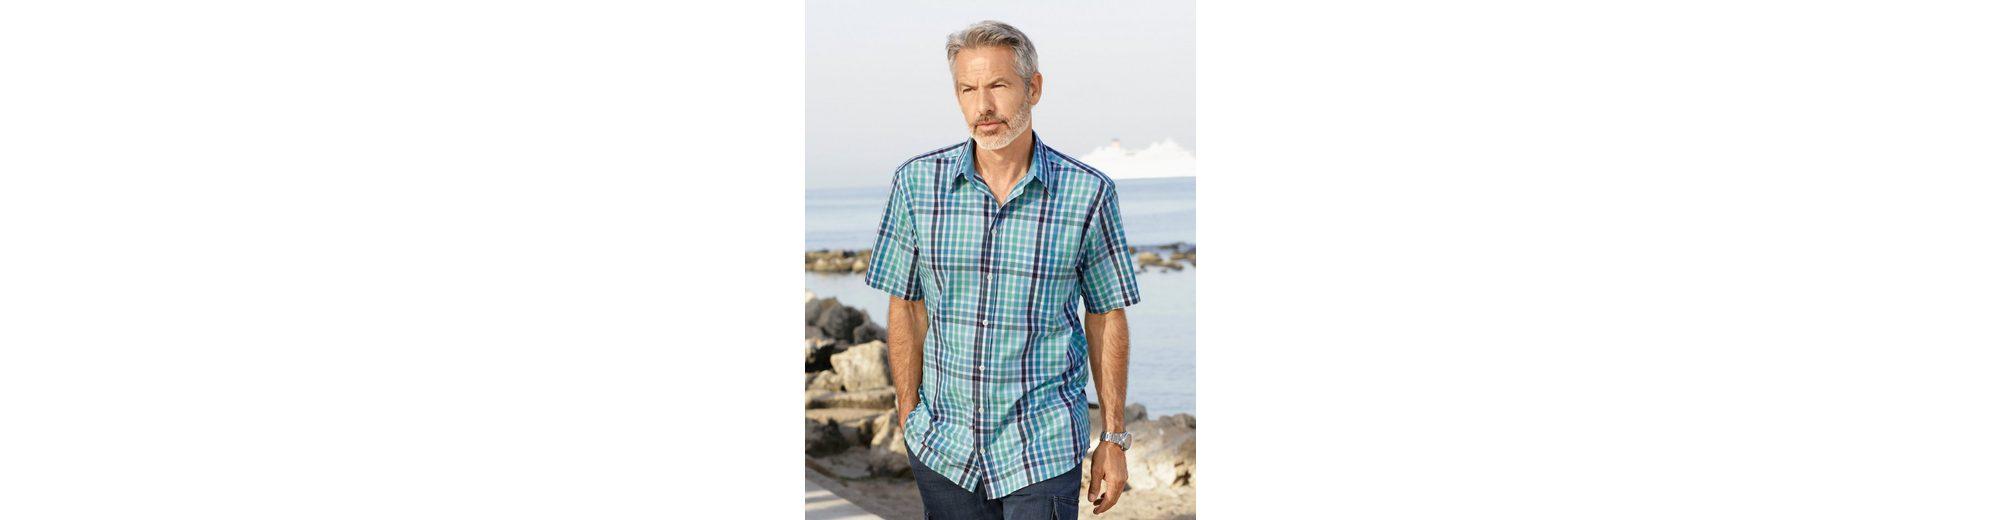 Steckdose Vorbestellung Auslassstellen Verkauf Online Babista Hemd mit Kentkragen Rabatt Größte Lieferant Billig Günstiger Preis Kaufen Billig SRuJEAWIil